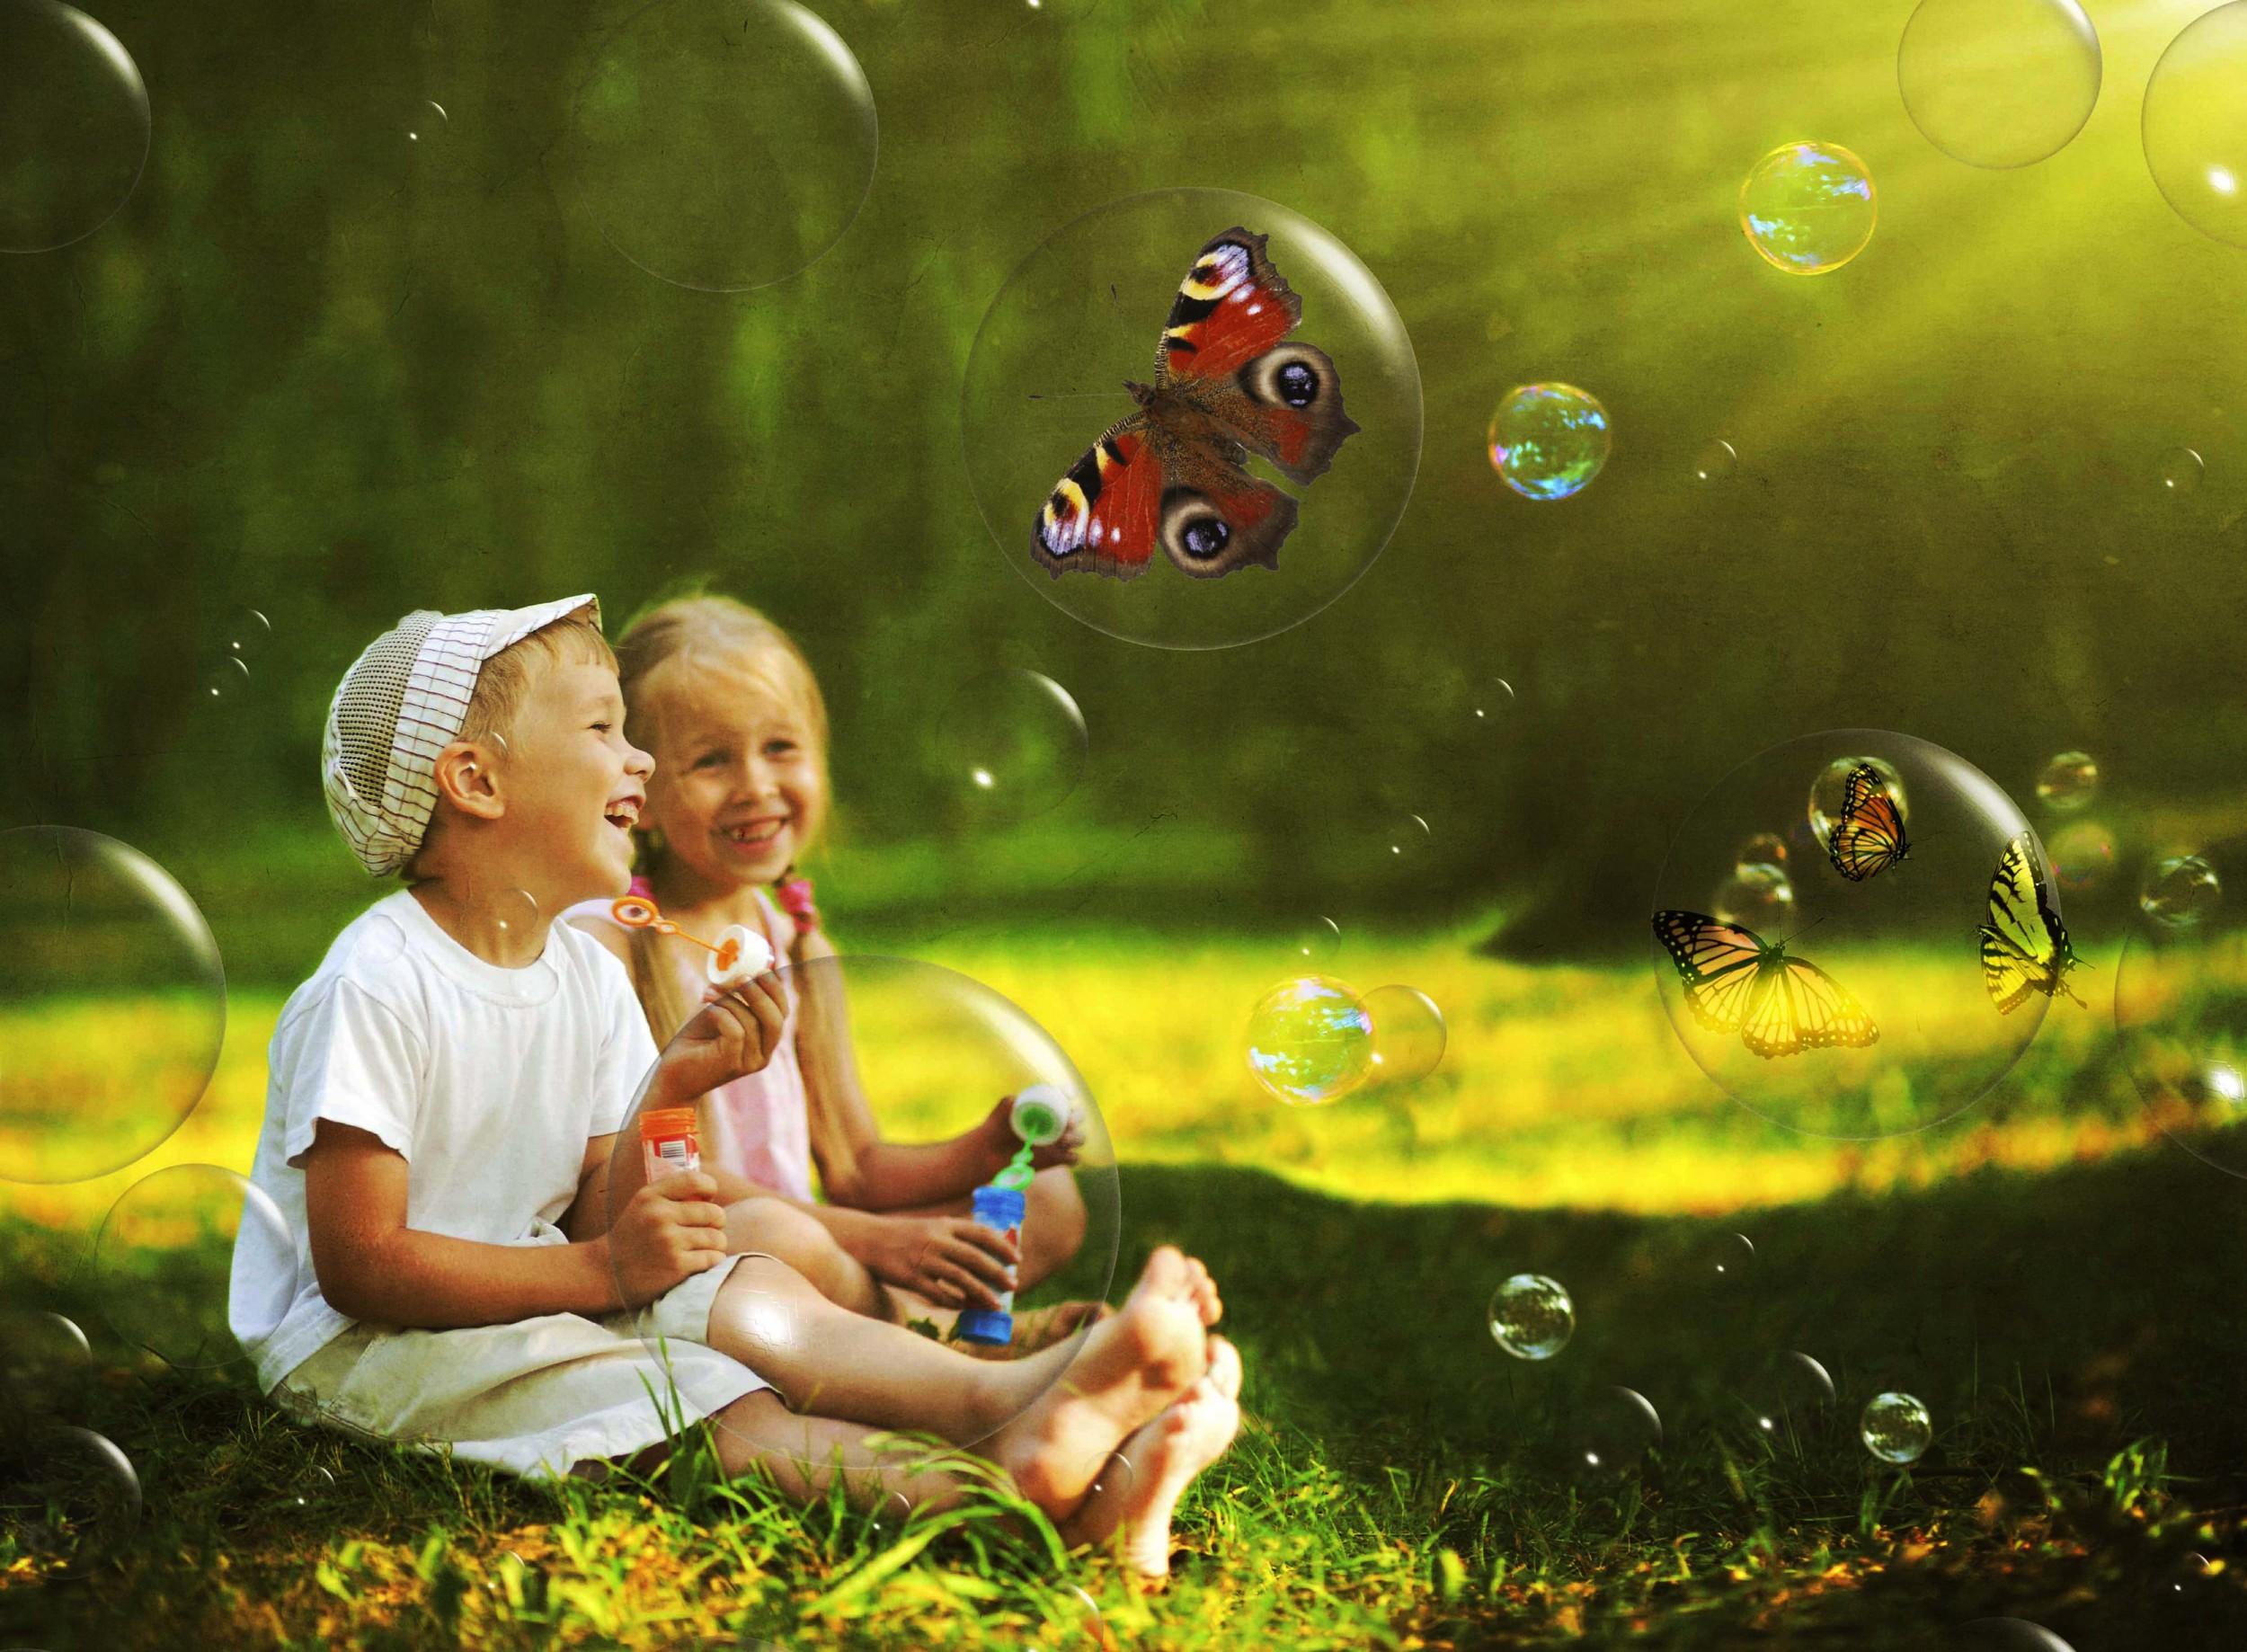 Children of the future 1